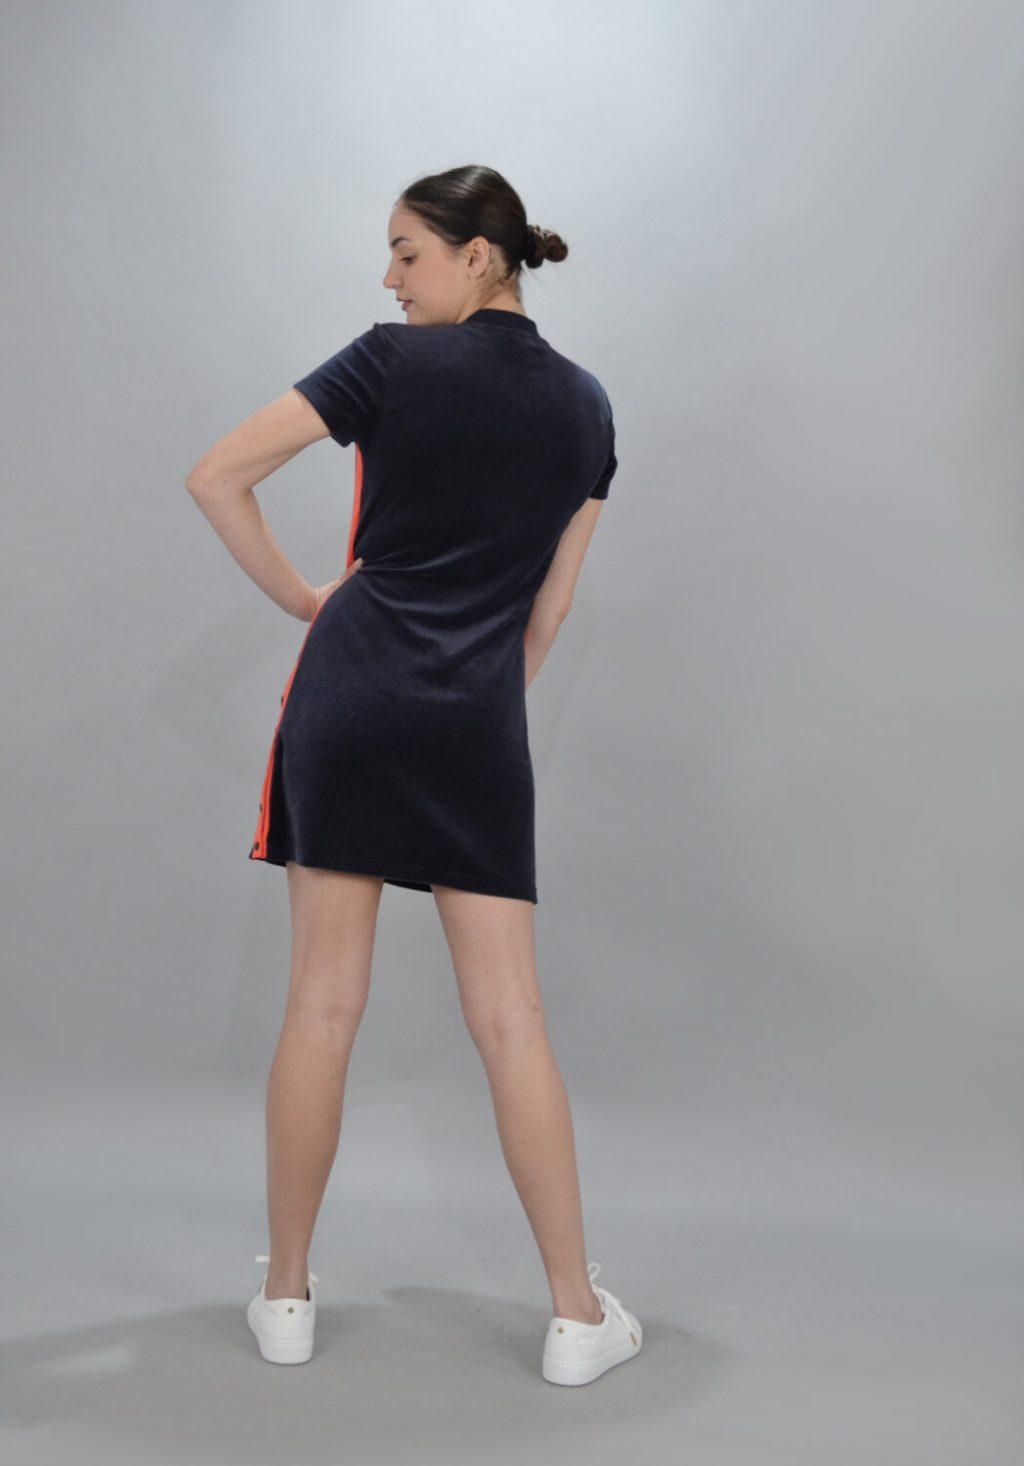 Γυναικεία Ρούχα JUICY ΦΟΡΕΜΑ SATIN ΚΑΙ VELOR MIX